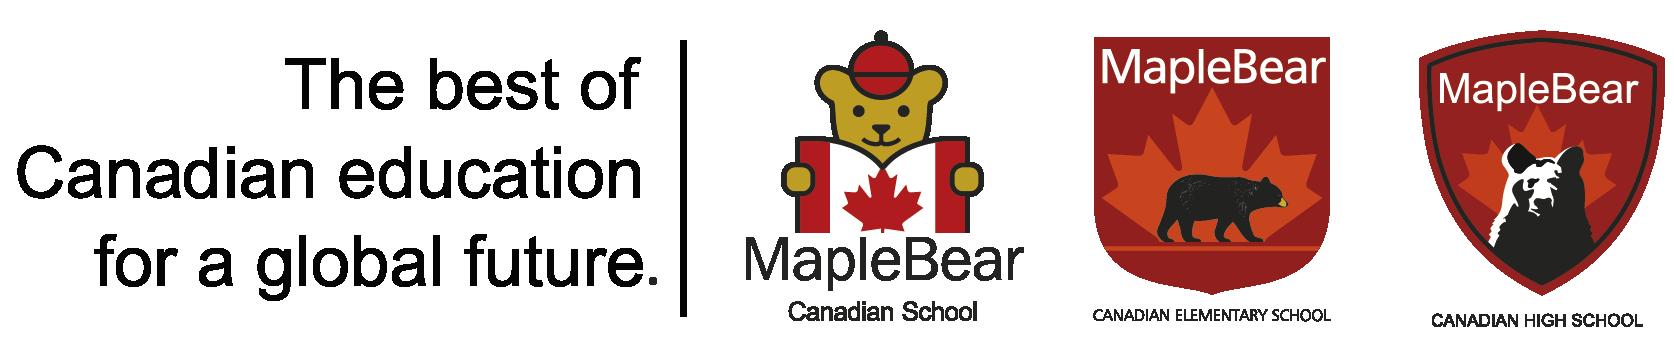 Maple Bear México